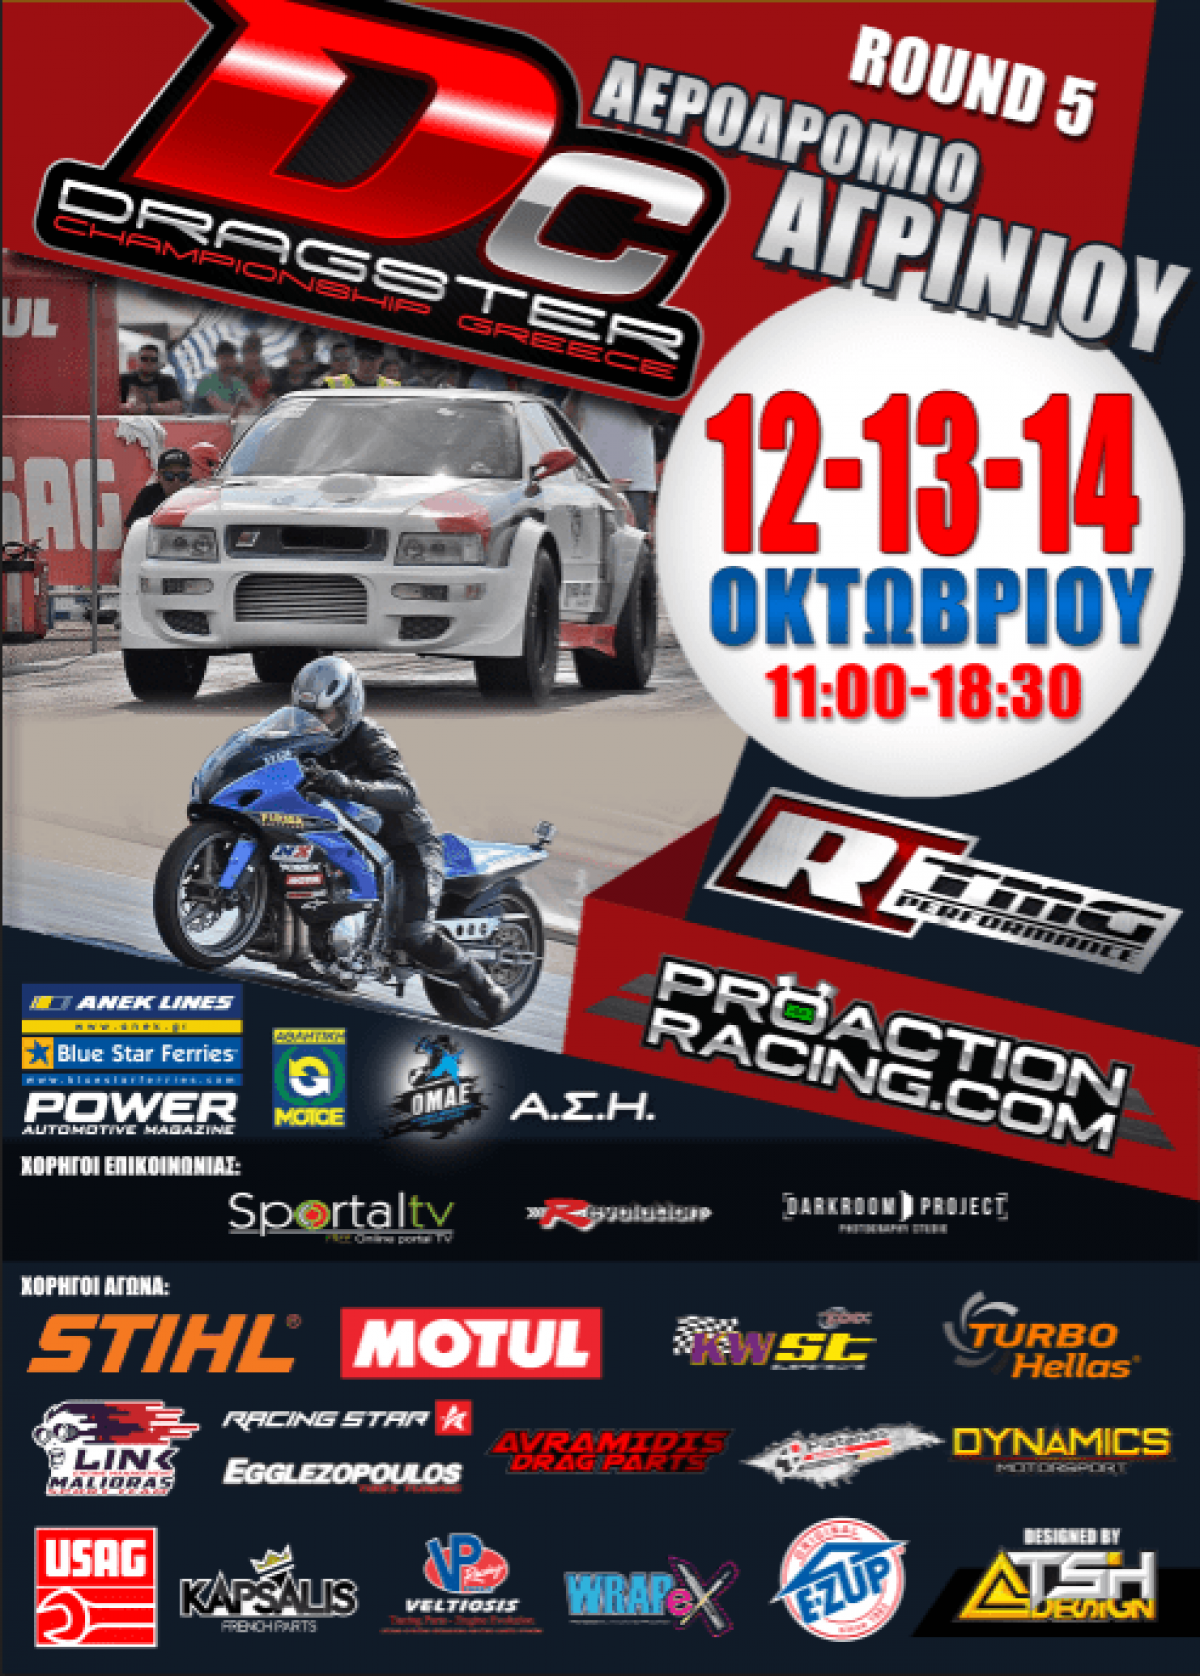 Ο 5ος αγώνας του πανελληνιου πρωταθλήματος Dragster στο Αγρίνιο – Proaction Racing